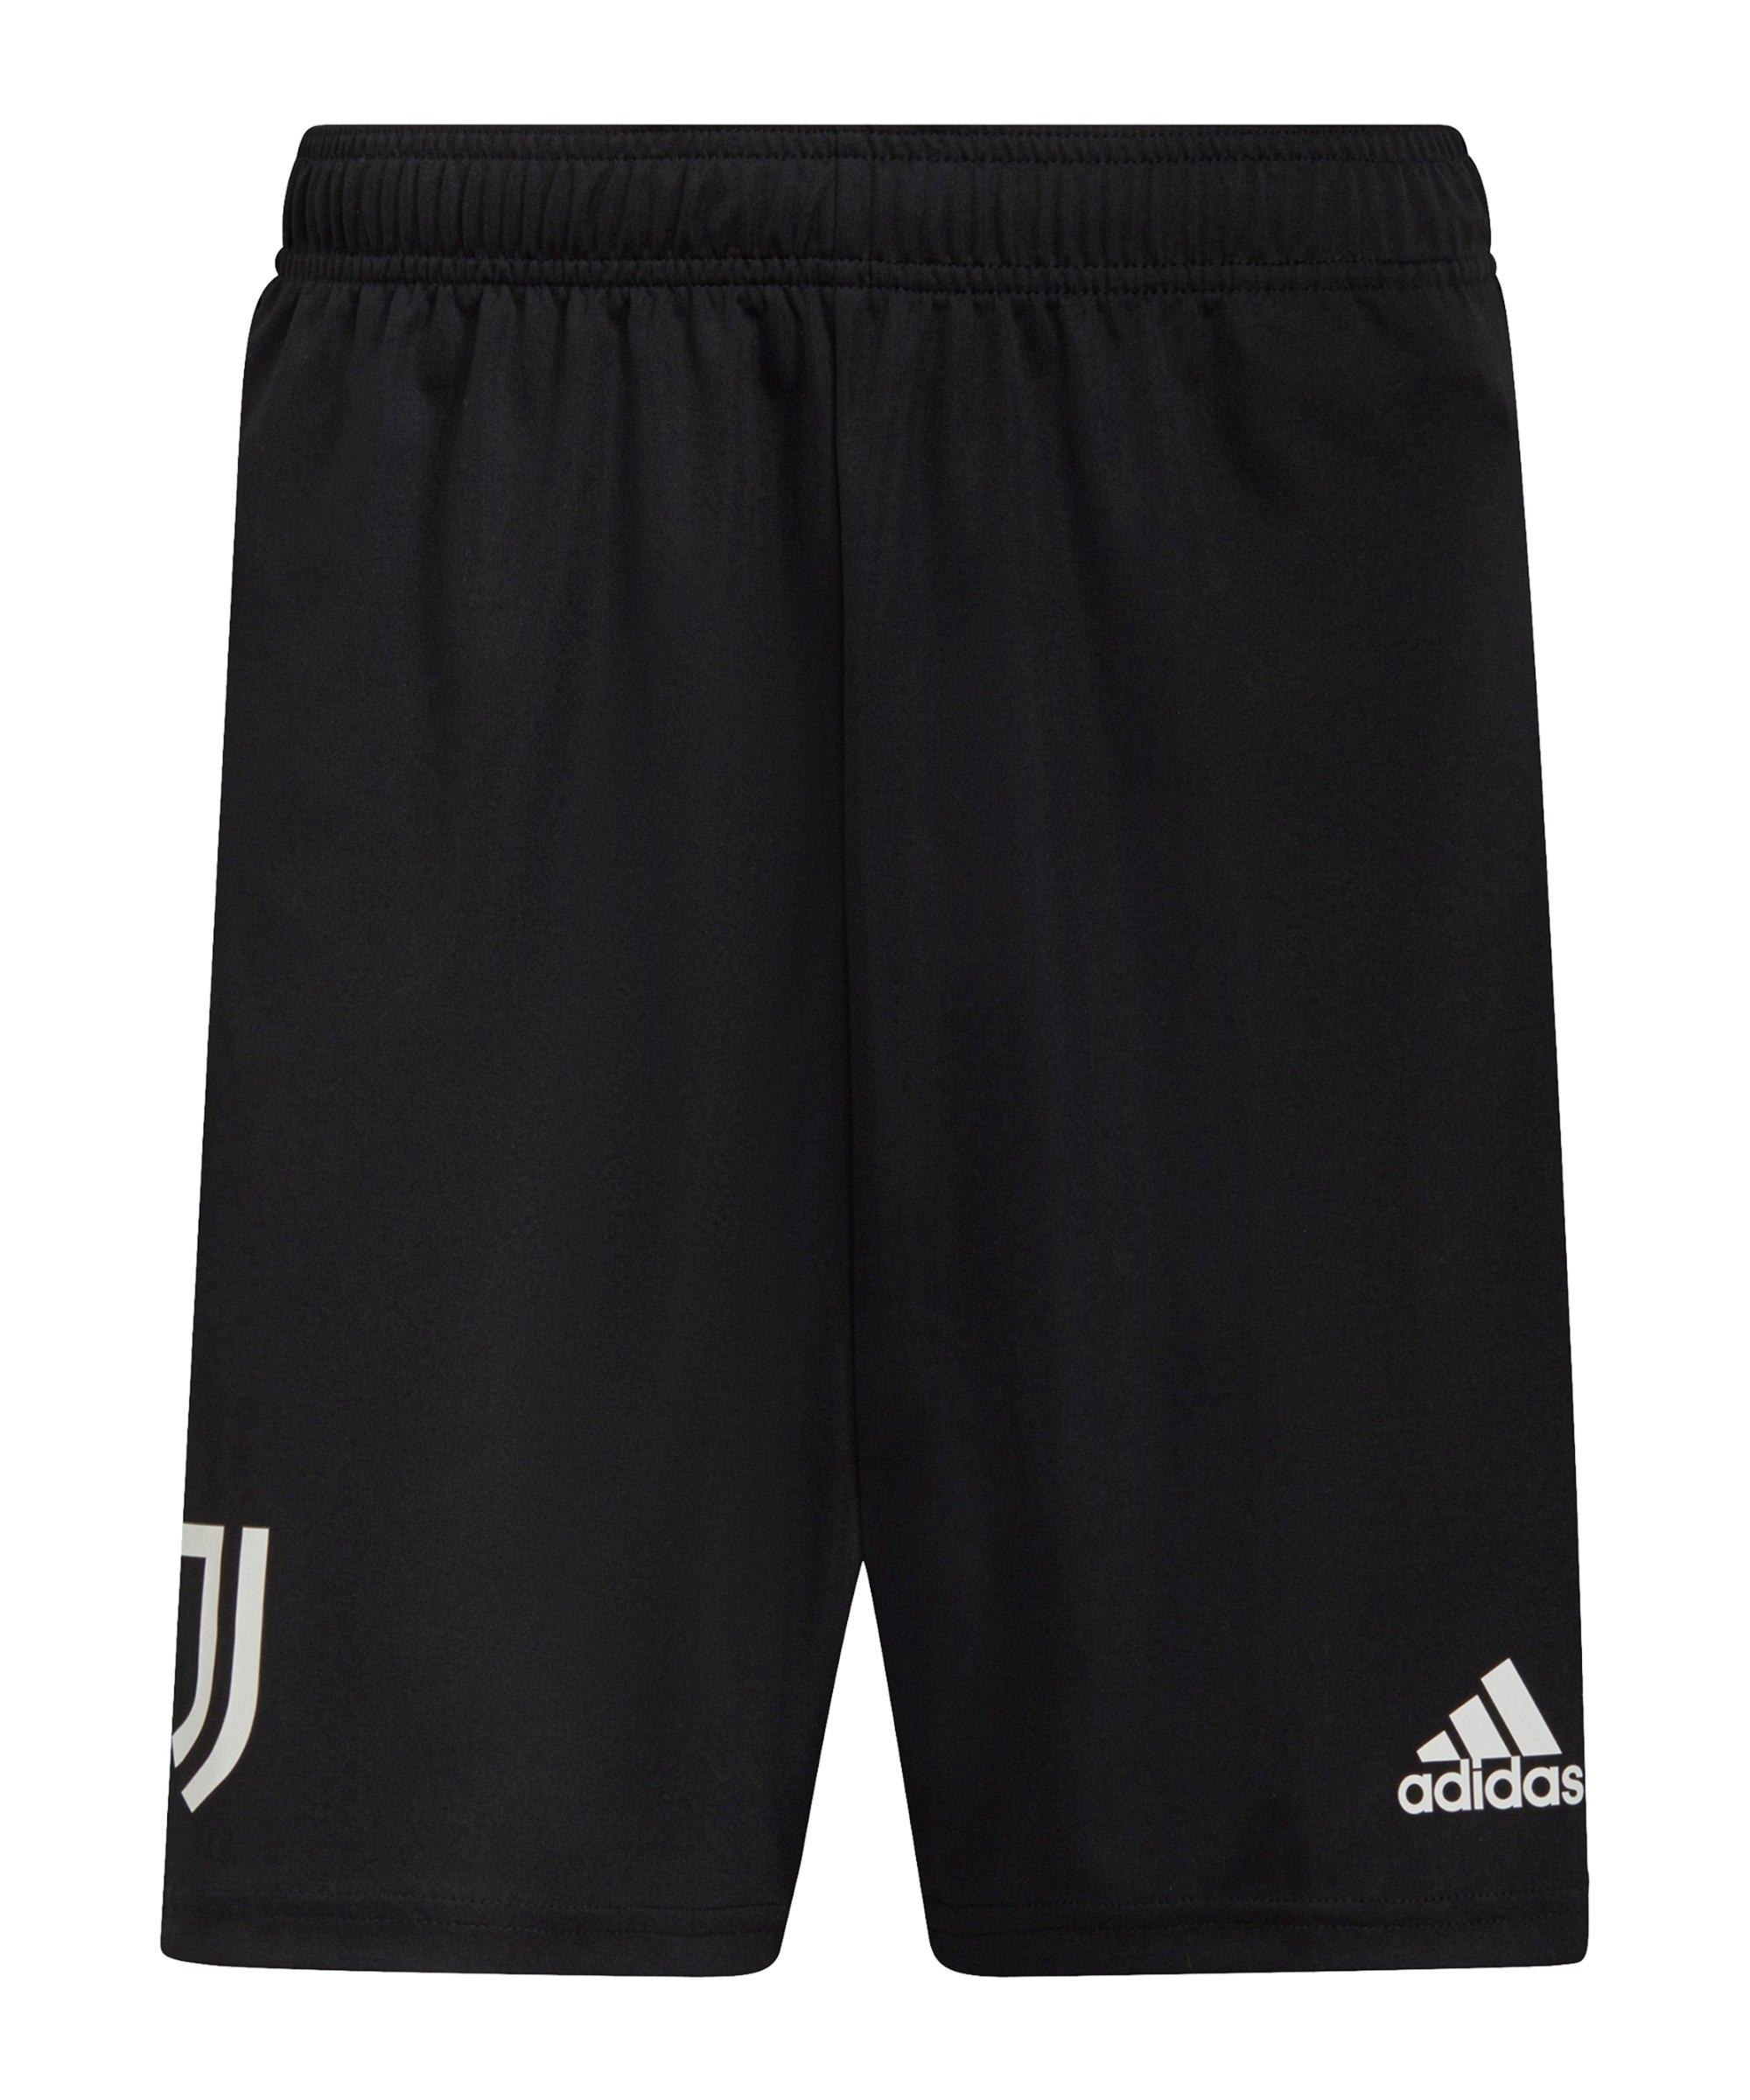 adidas Juventus Turin Trainingsshort Schwarz - schwarz